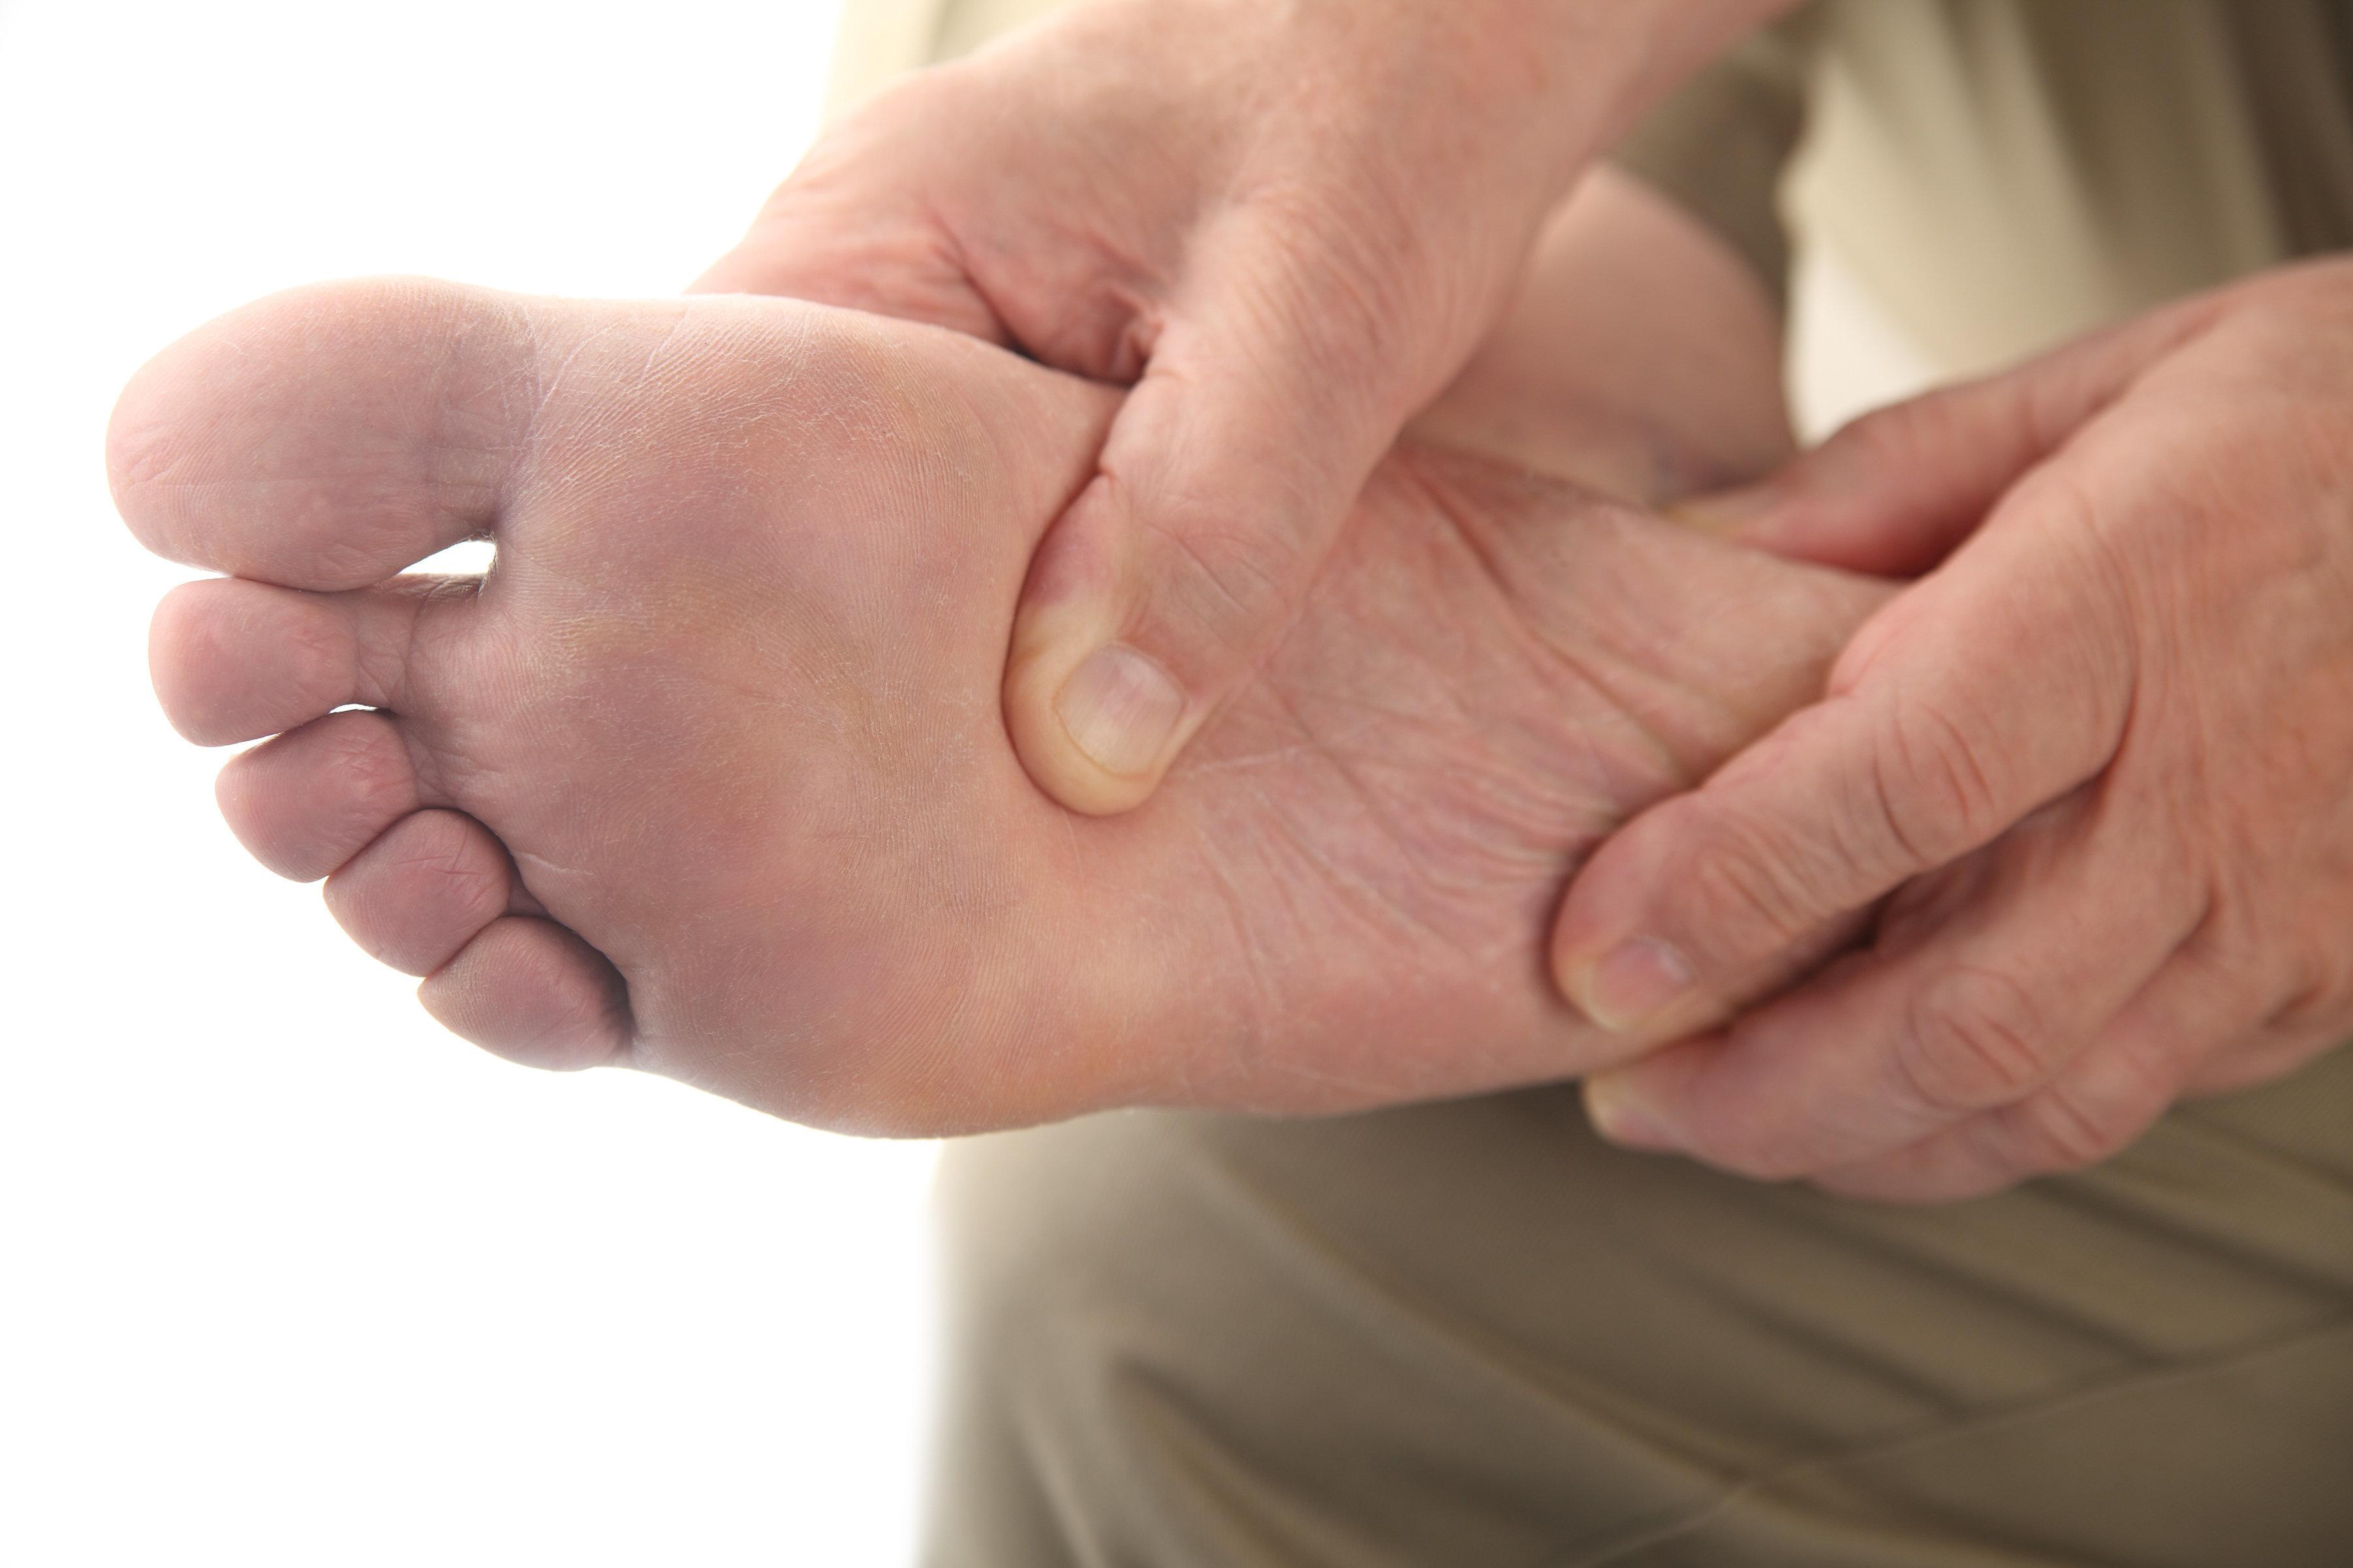 Hard lump under skin on foot